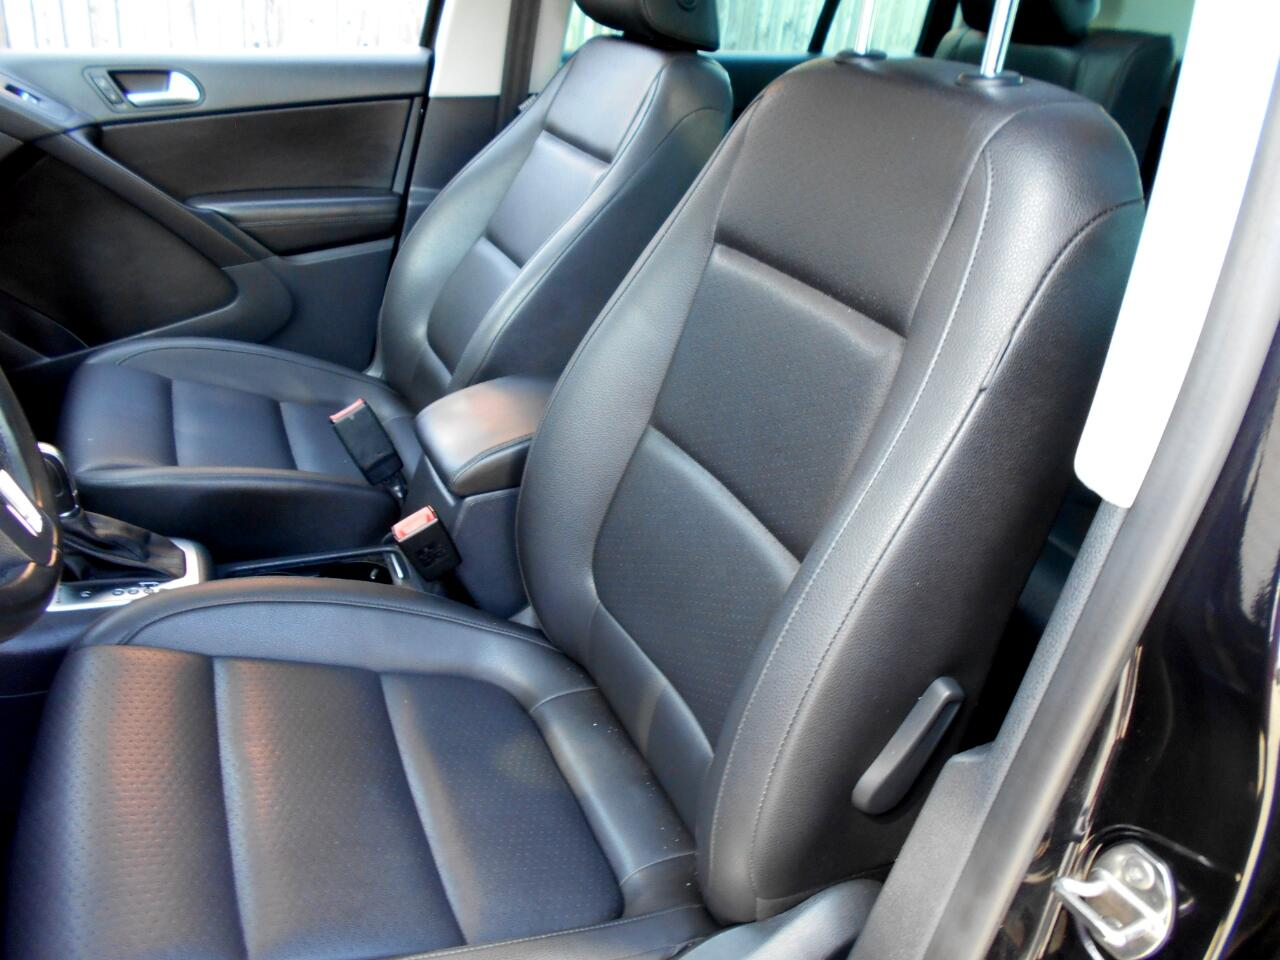 2013 Volkswagen Tiguan 2.0T S 4Motion